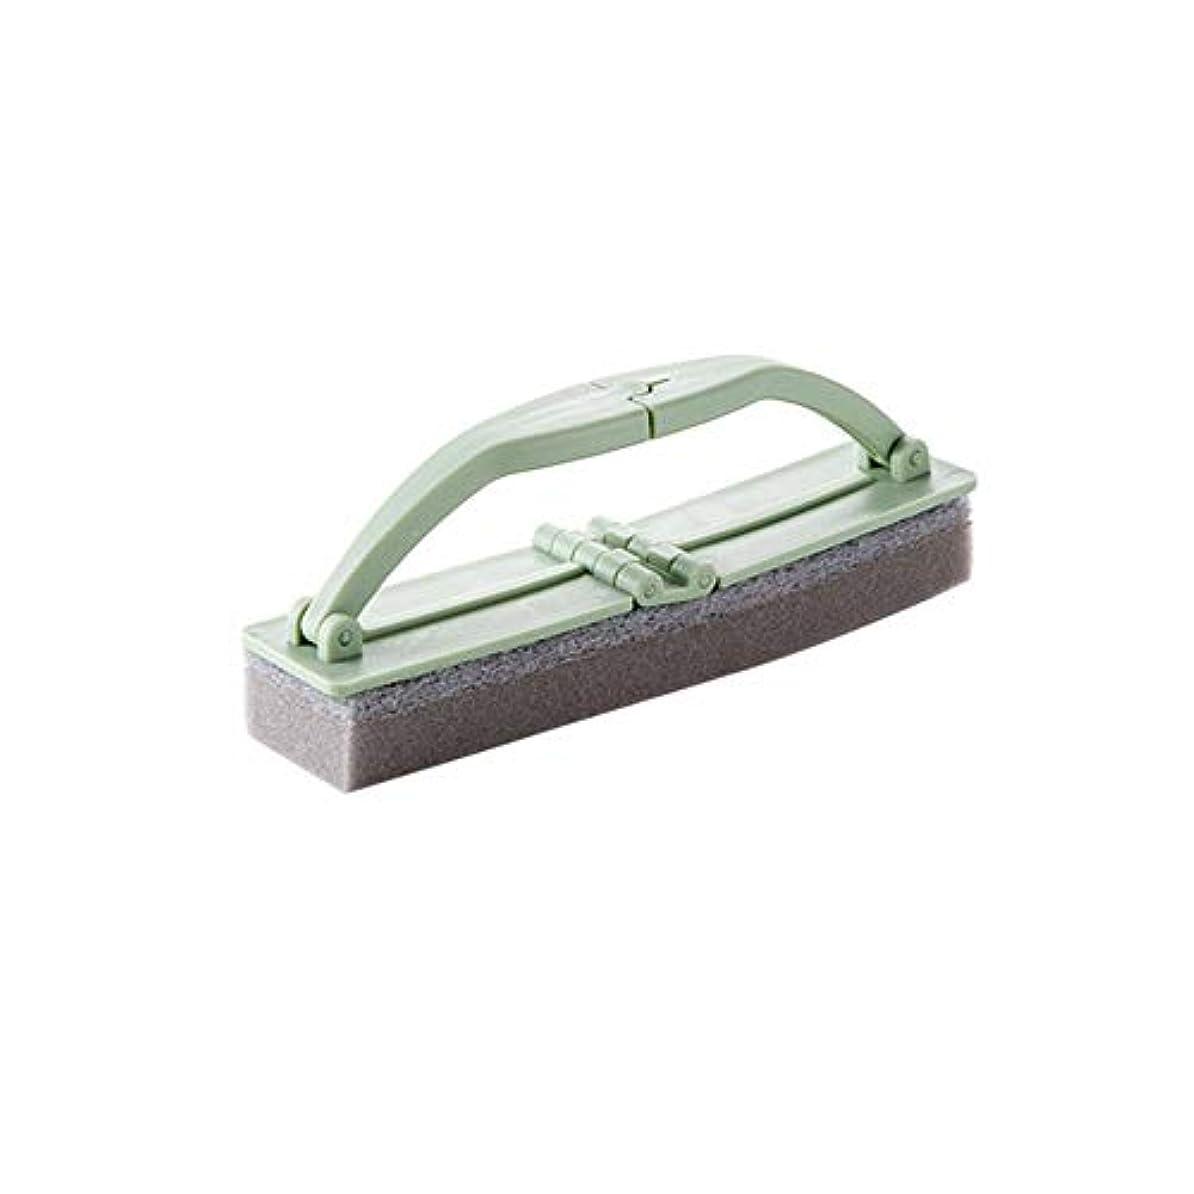 抑制セッションやるポアクリーニング 折りたたみ式の浴室スポンジハンドル付き強力な汚染除去タイルクリーニングスポンジブラシ2 PCS マッサージブラシ (色 : 緑)